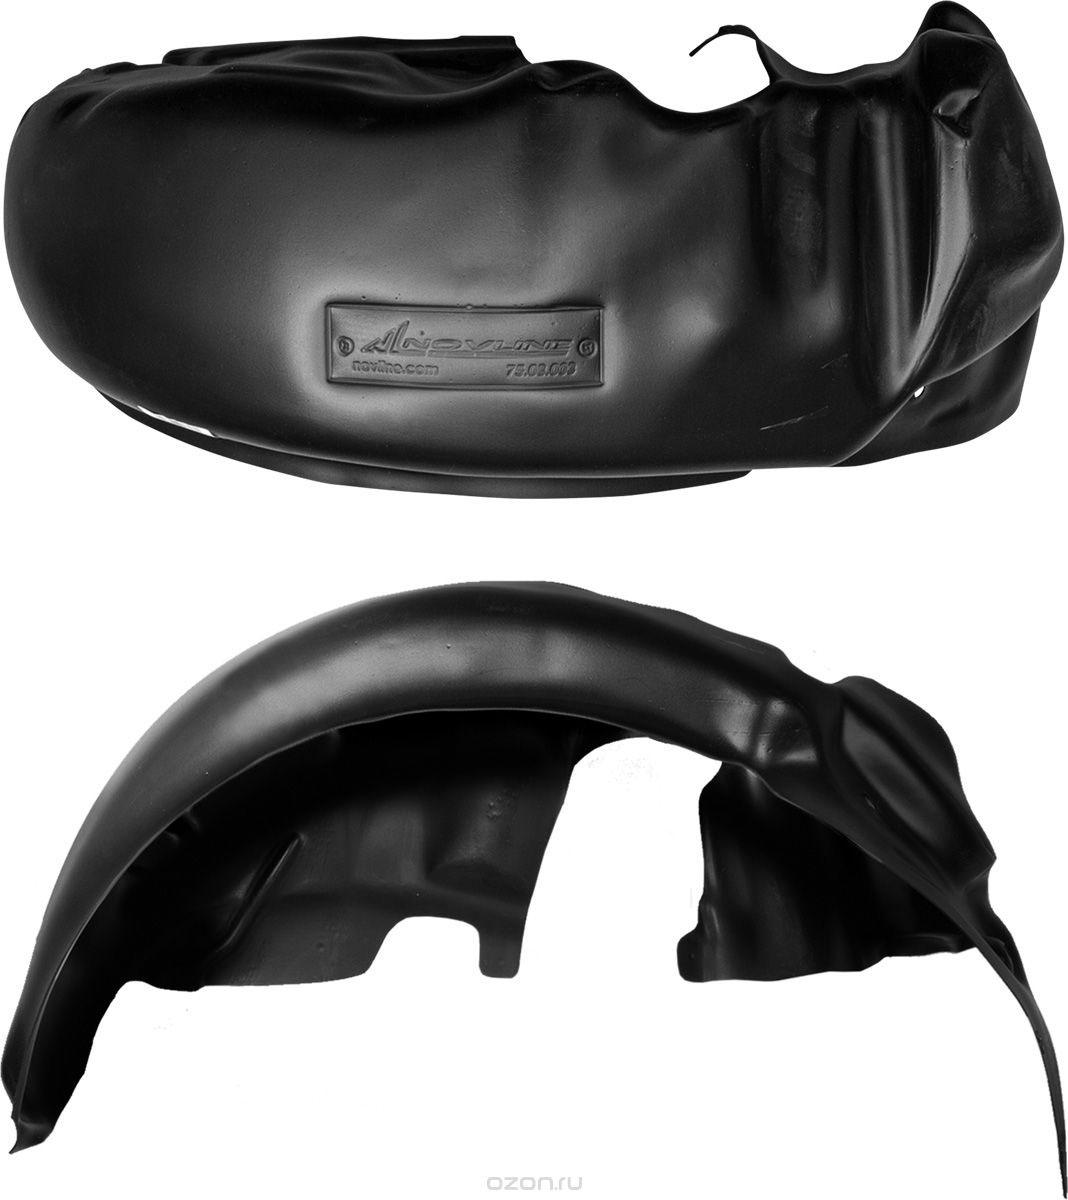 Подкрылок Novline-Autofamily, для FAW V5, 2013->, задний левый09066Идеальная защита колесной ниши. Локеры разработаны с применением цифровых технологий, гарантируют максимальную повторяемость поверхности арки. Изделия устанавливаются без нарушения лакокрасочного покрытия автомобиля, каждый подкрылок комплектуется крепежом. Уважаемые клиенты, обращаем ваше внимание, что фотографии на подкрылки универсальные и не отражают реальную форму изделия. При этом само изделие идет точно под размер указанного автомобиля.